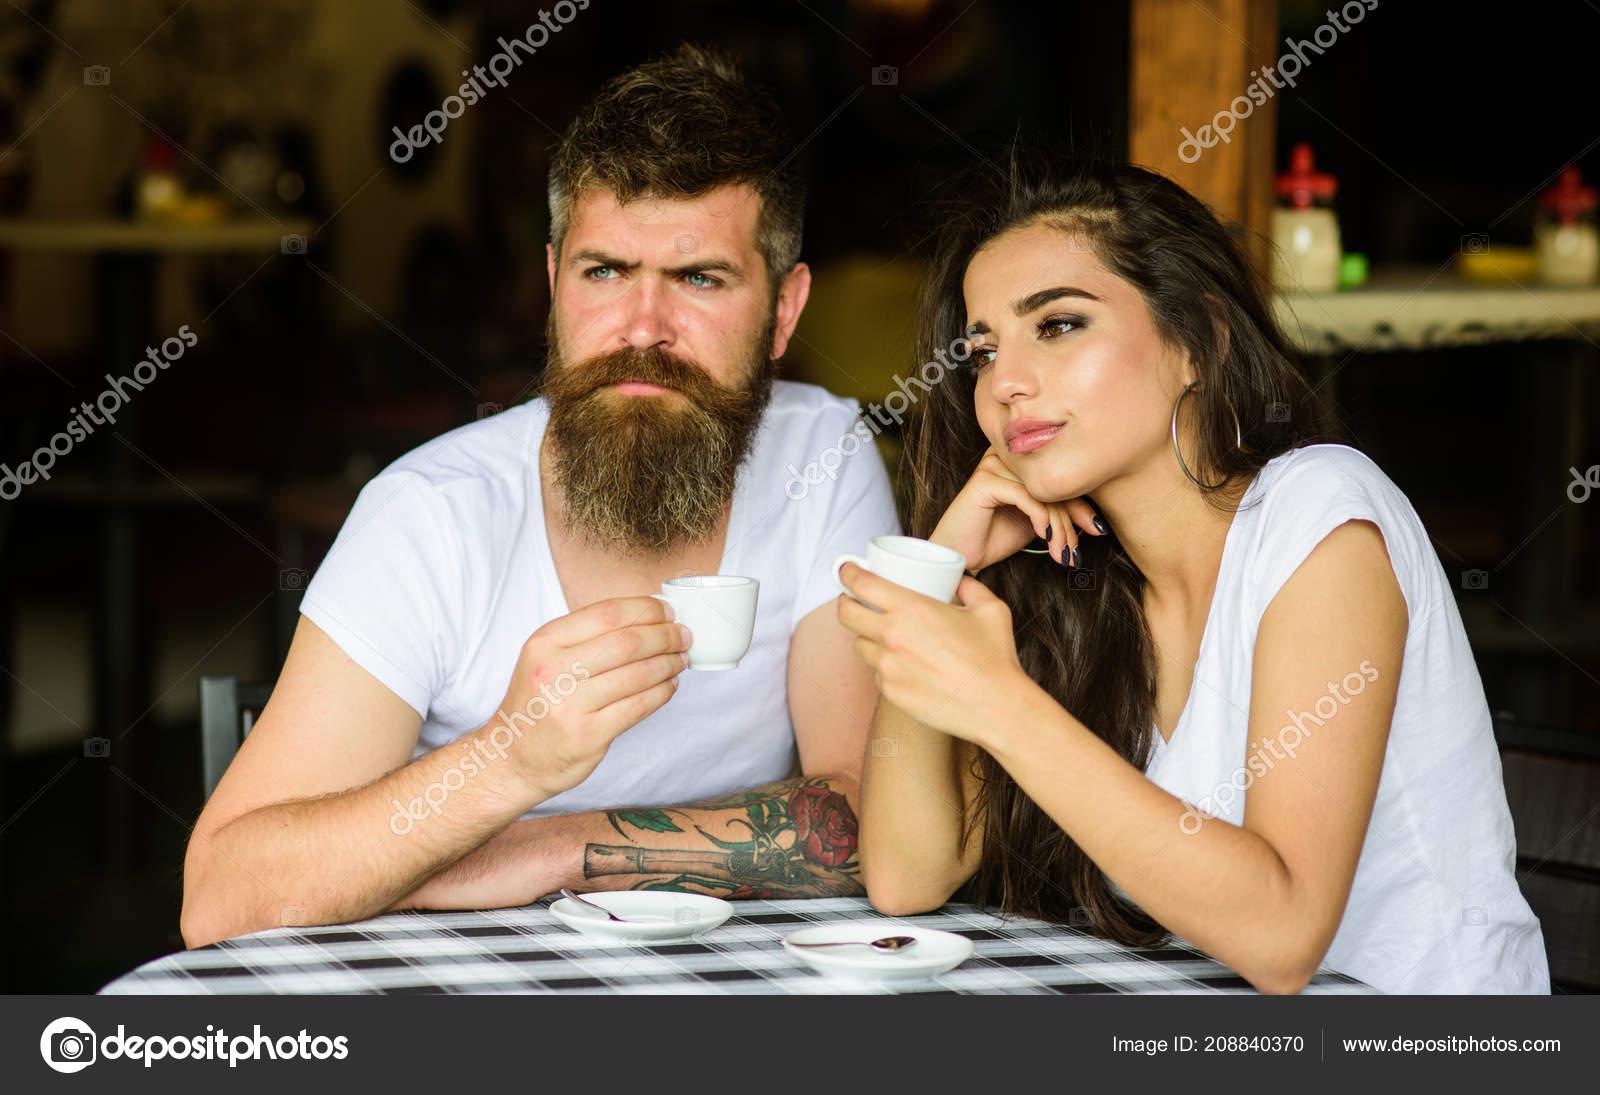 Να κάνουμε ένα διάλειμμα δωρεάν dating